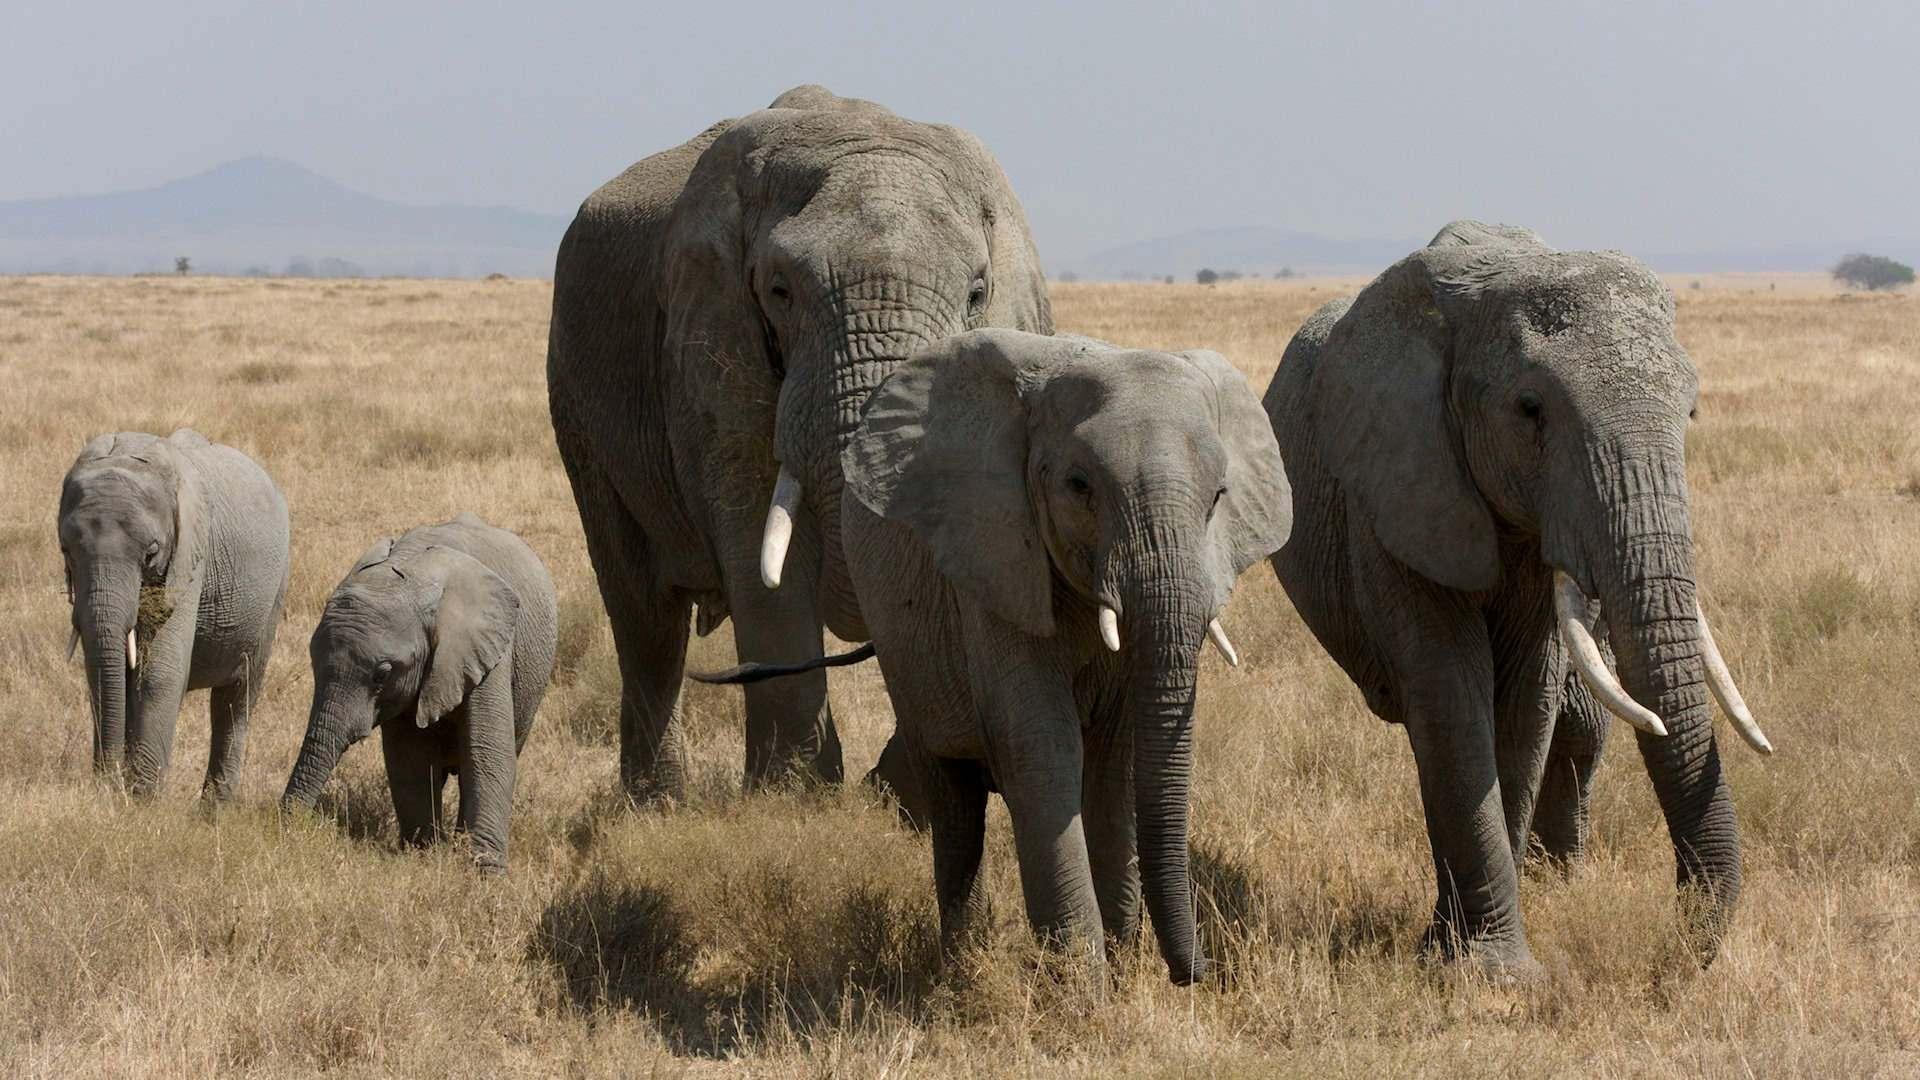 Must see Wallpaper High Quality Elephant - mrFtkb  Pic_463961.jpg